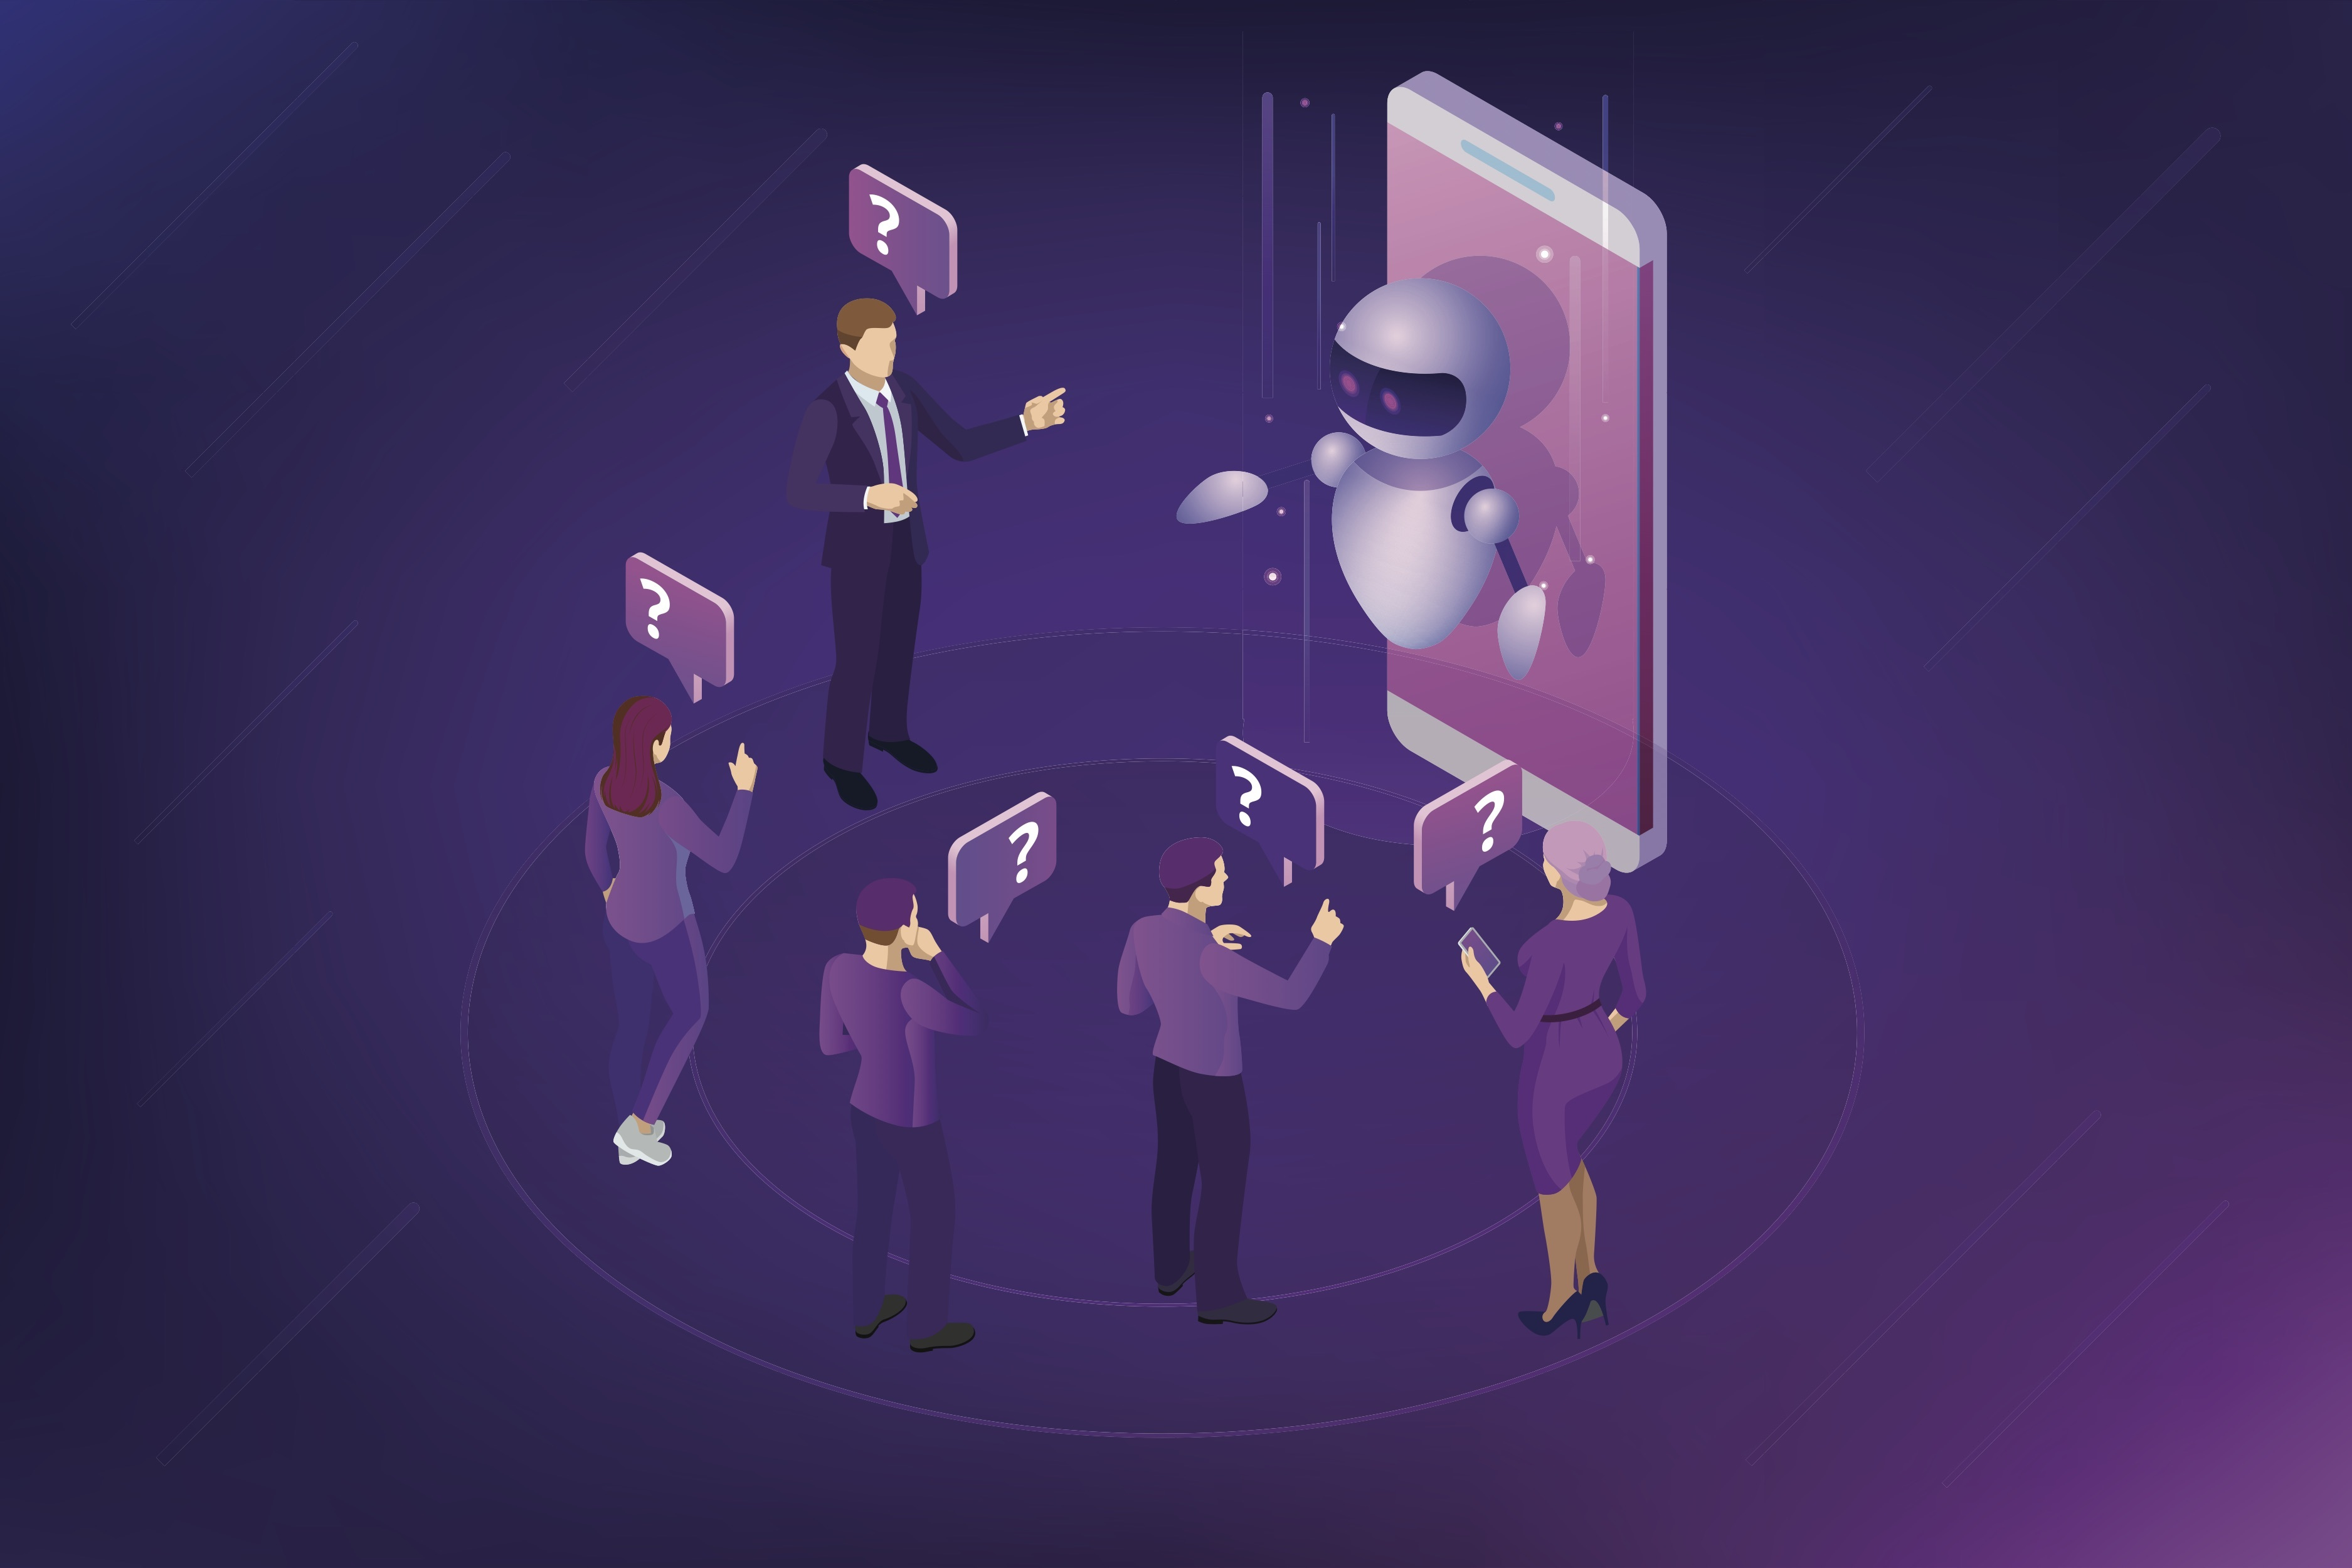 NEW行銷|聊天機器人的5個設計誤區 你踩雷了嗎?